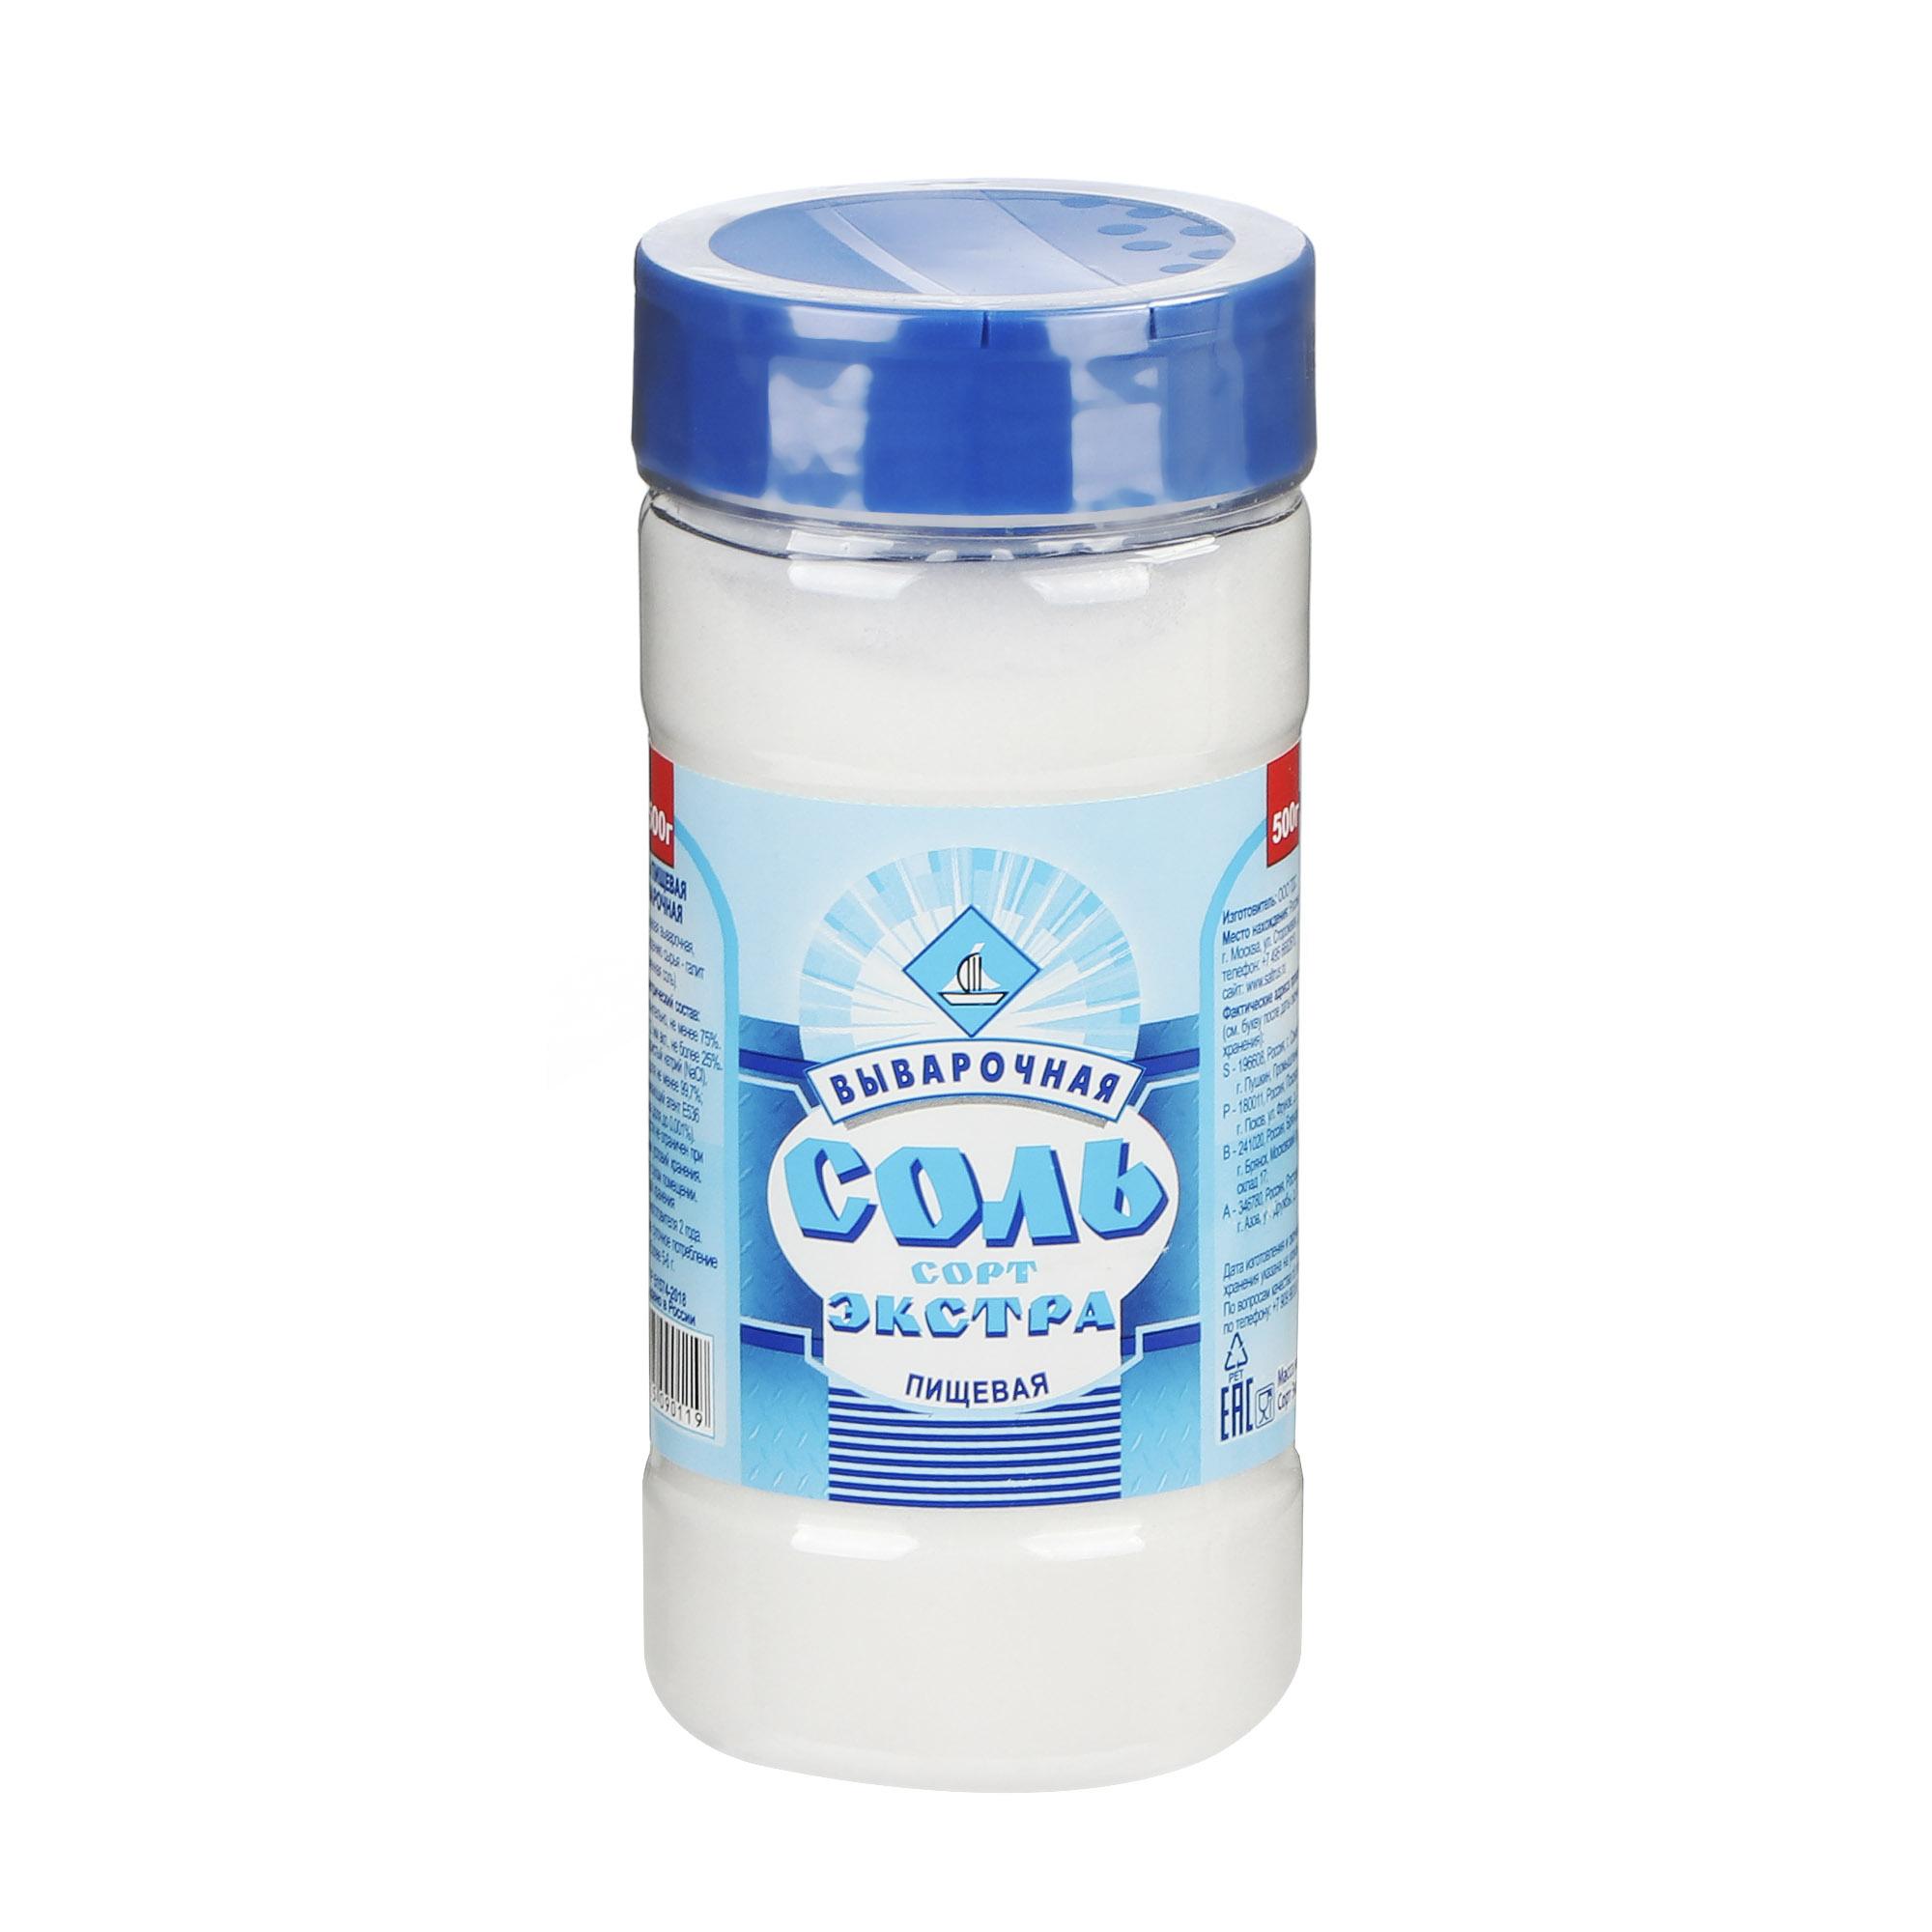 Соль экстра 500 г